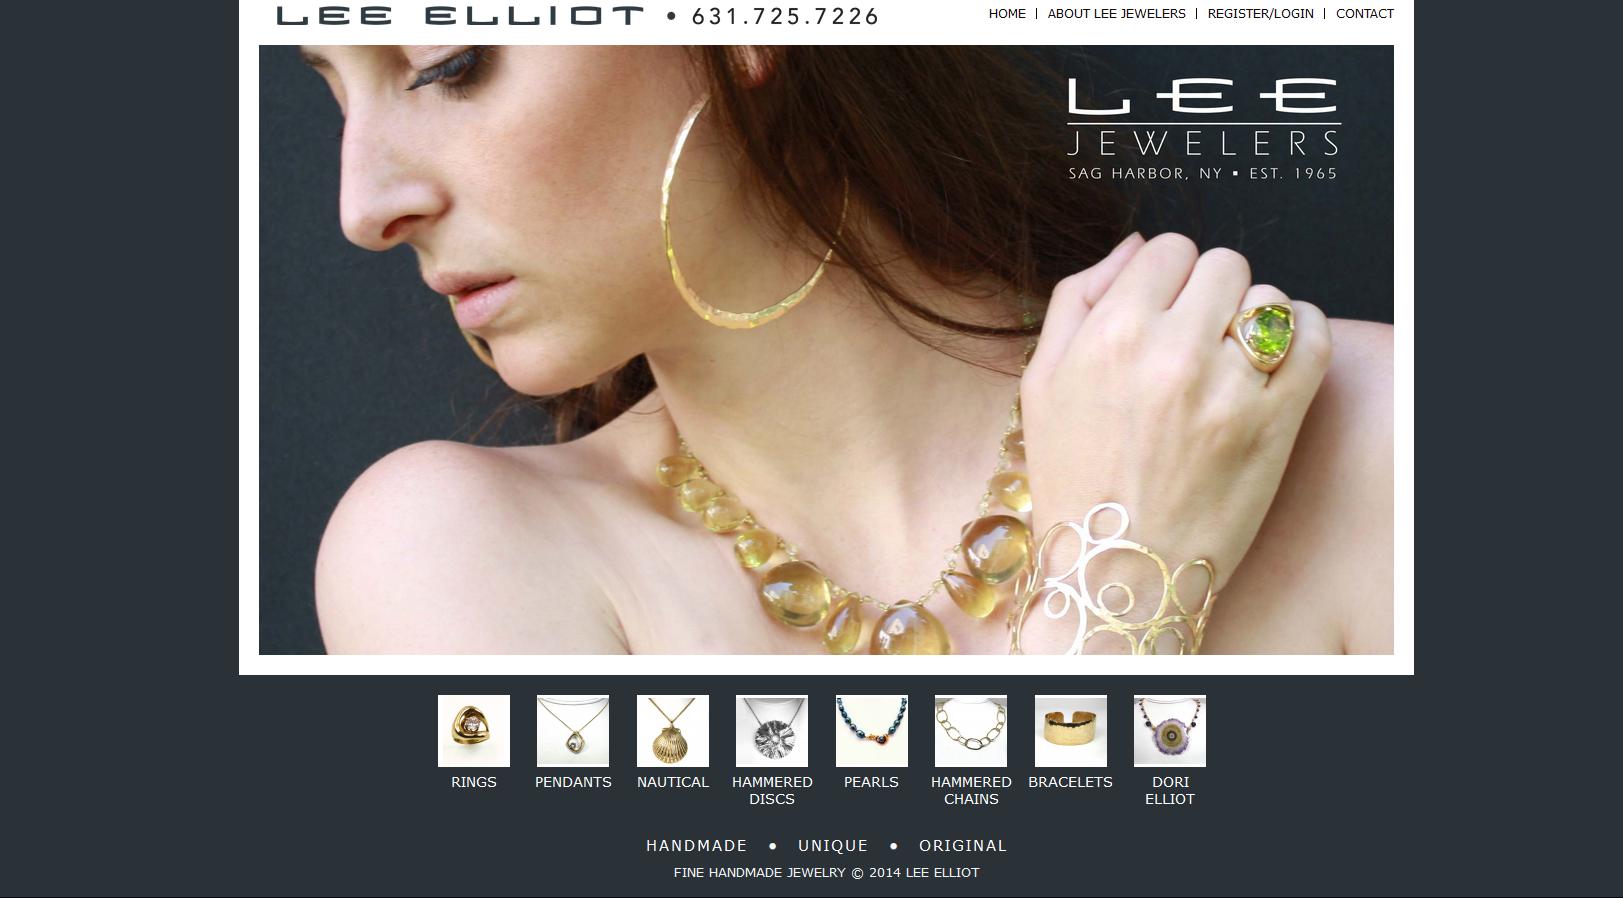 leejewelers.net